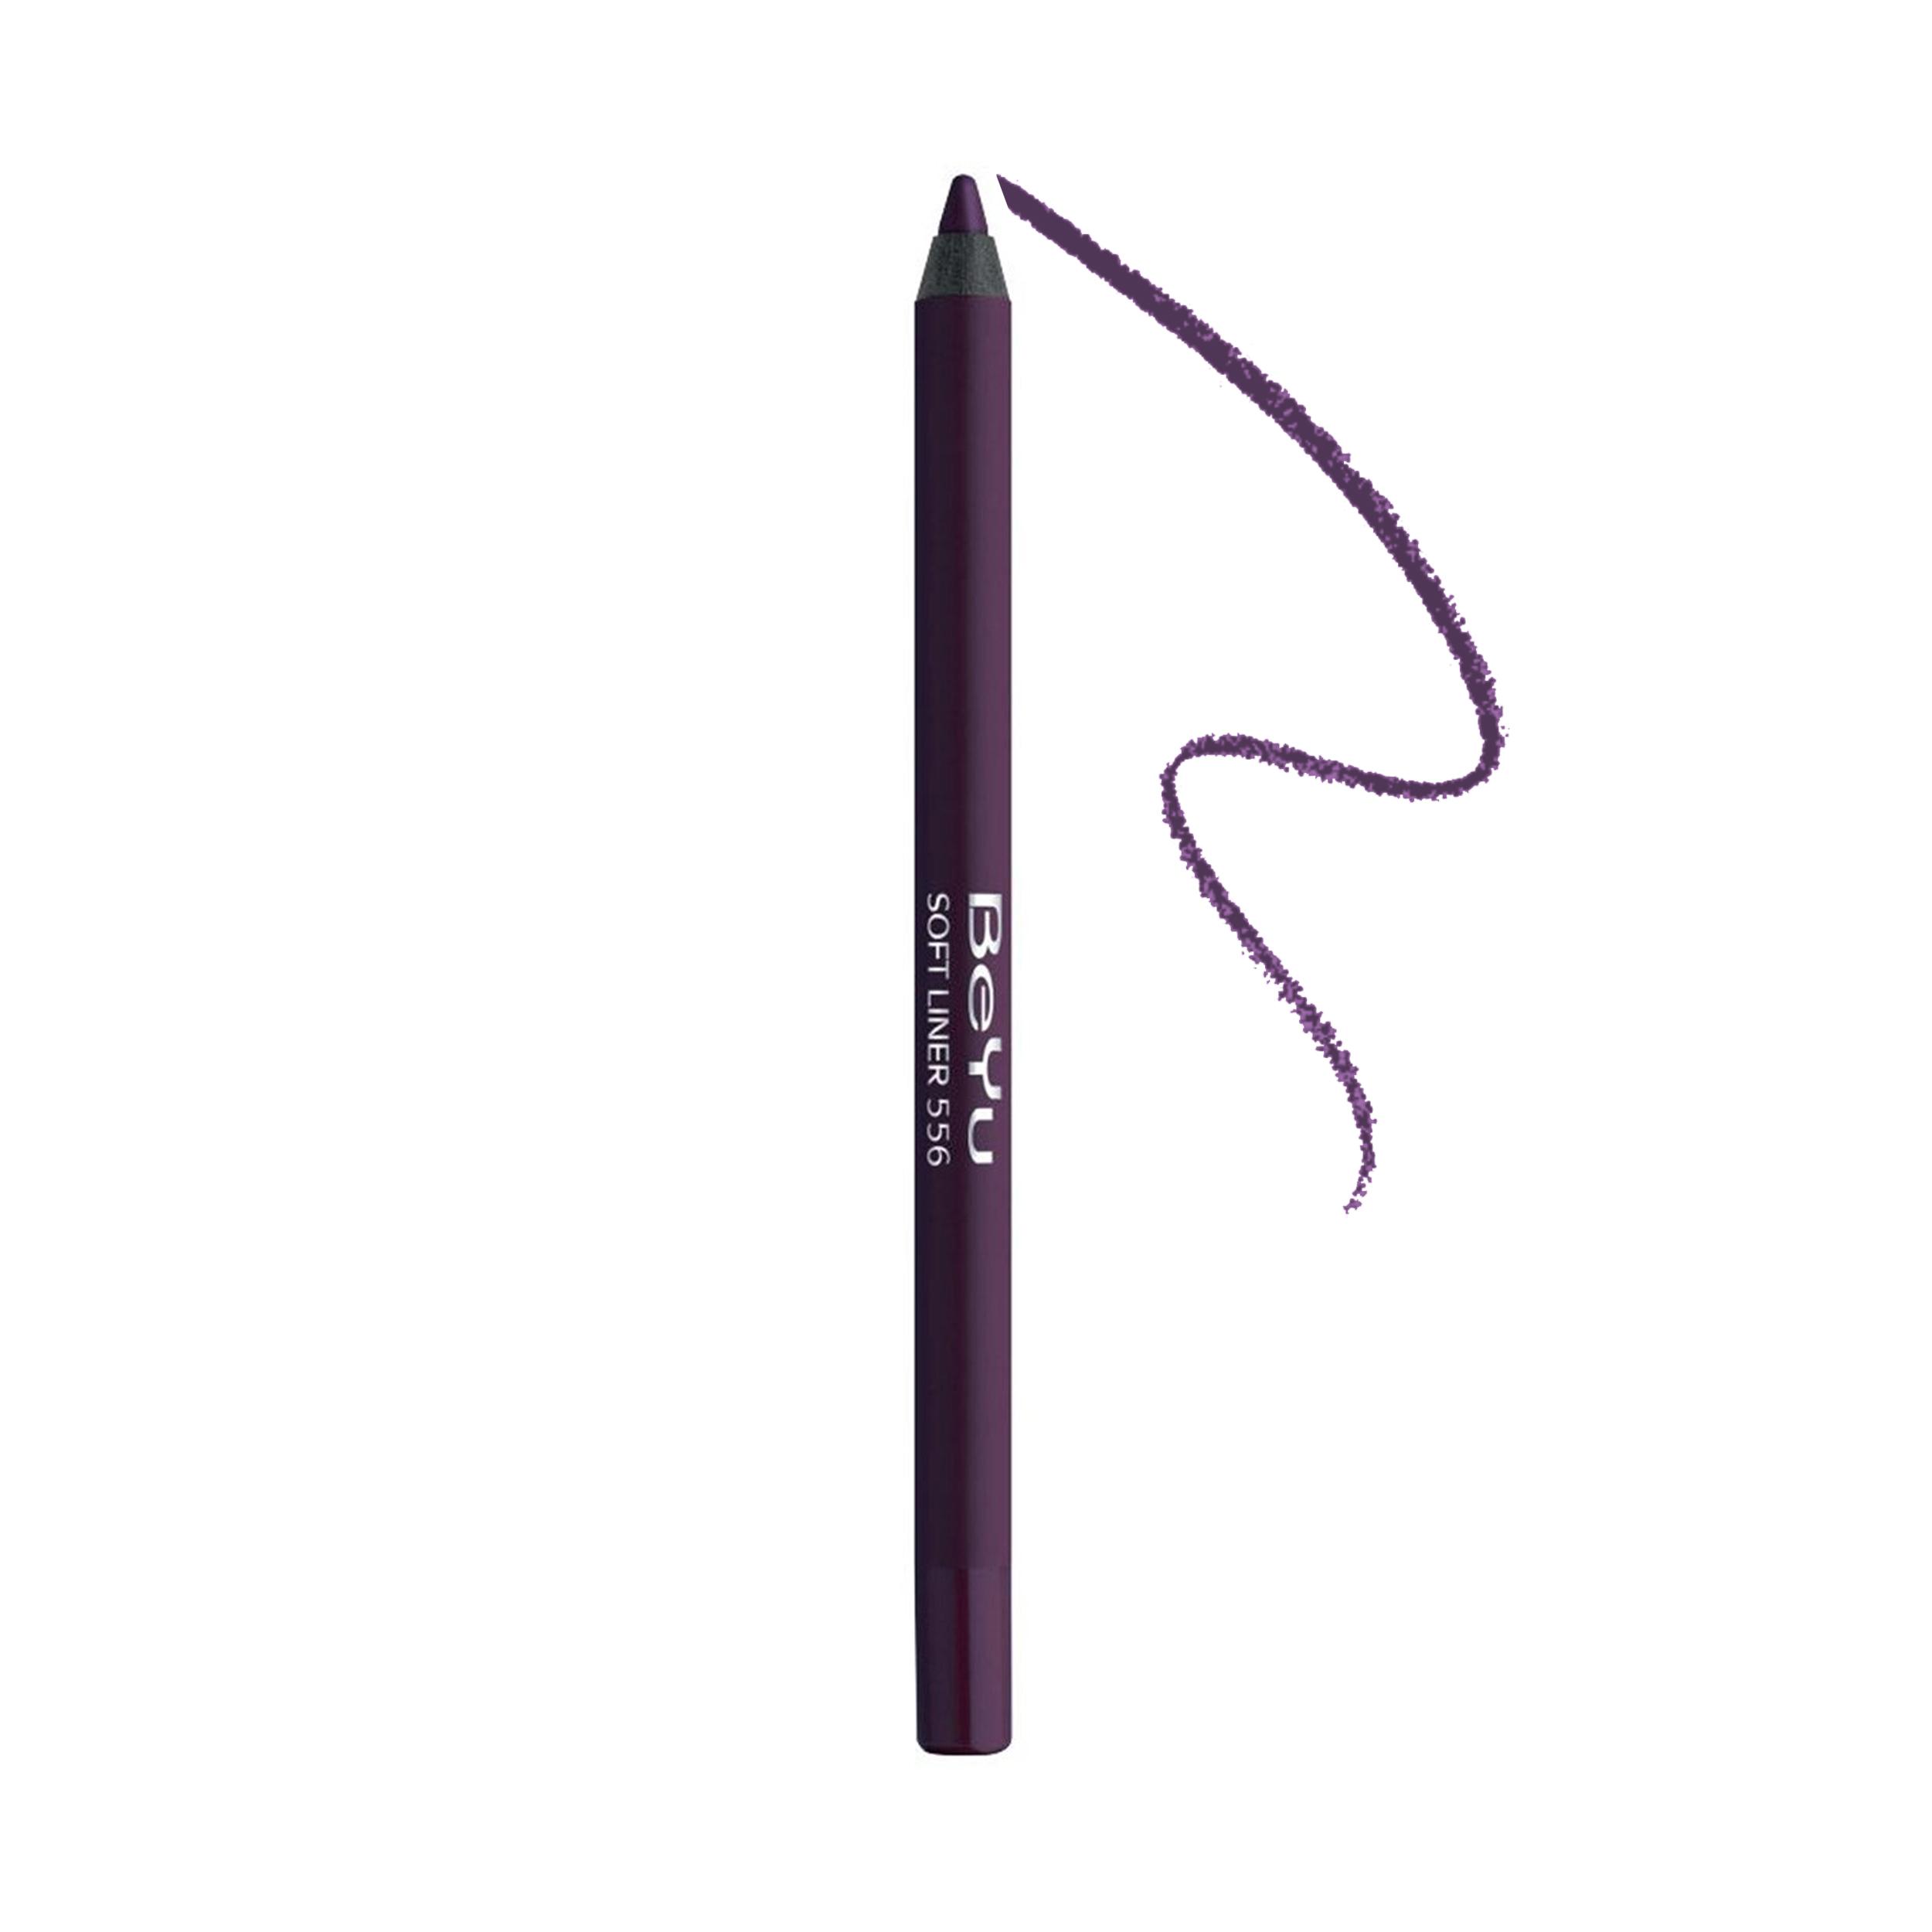 مداد لب بی یو سری Softline شماره 556